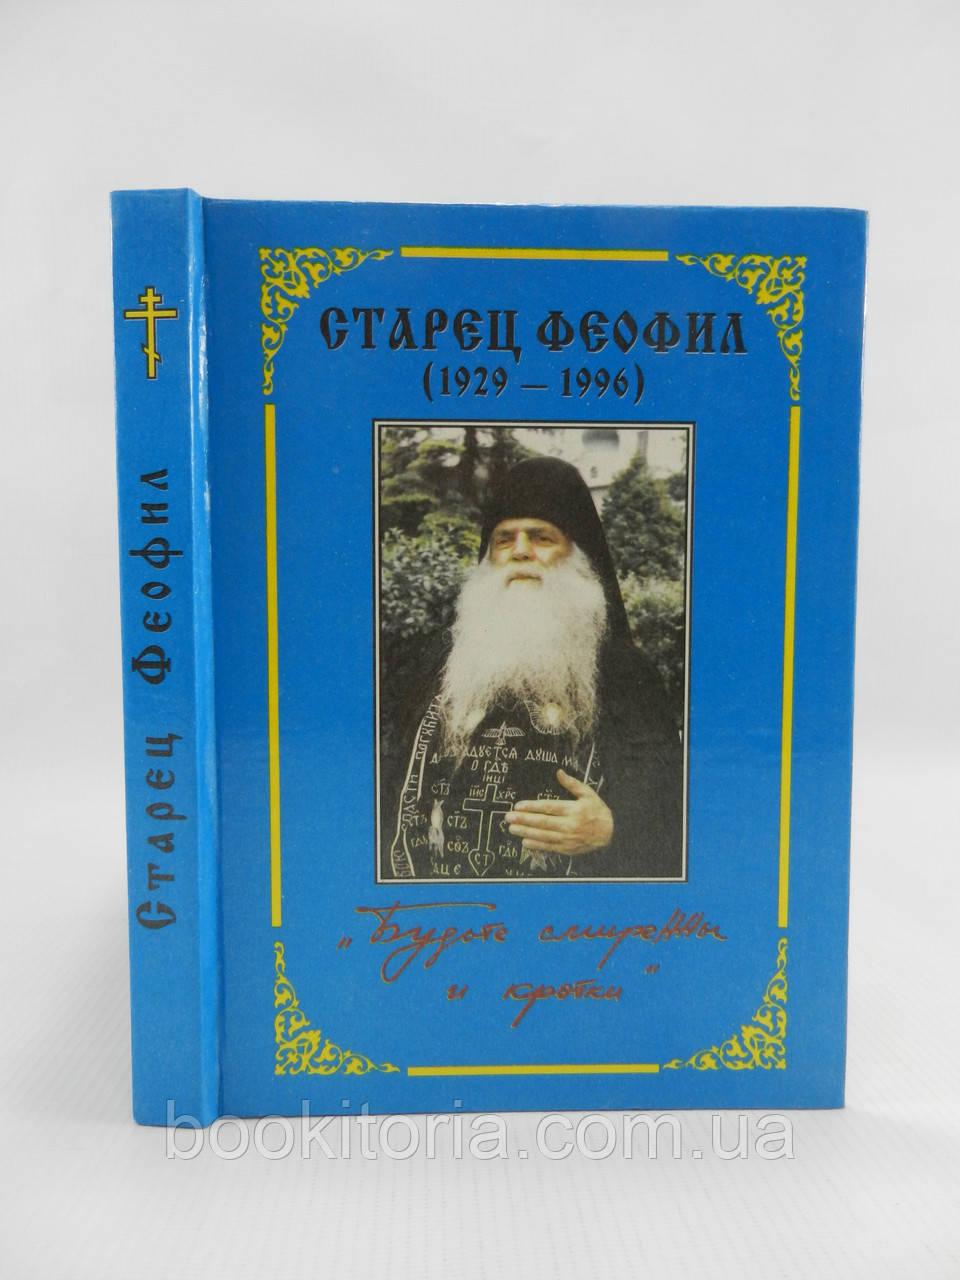 Яковлев М. Старец Феофил (1929-1996) (б/у).